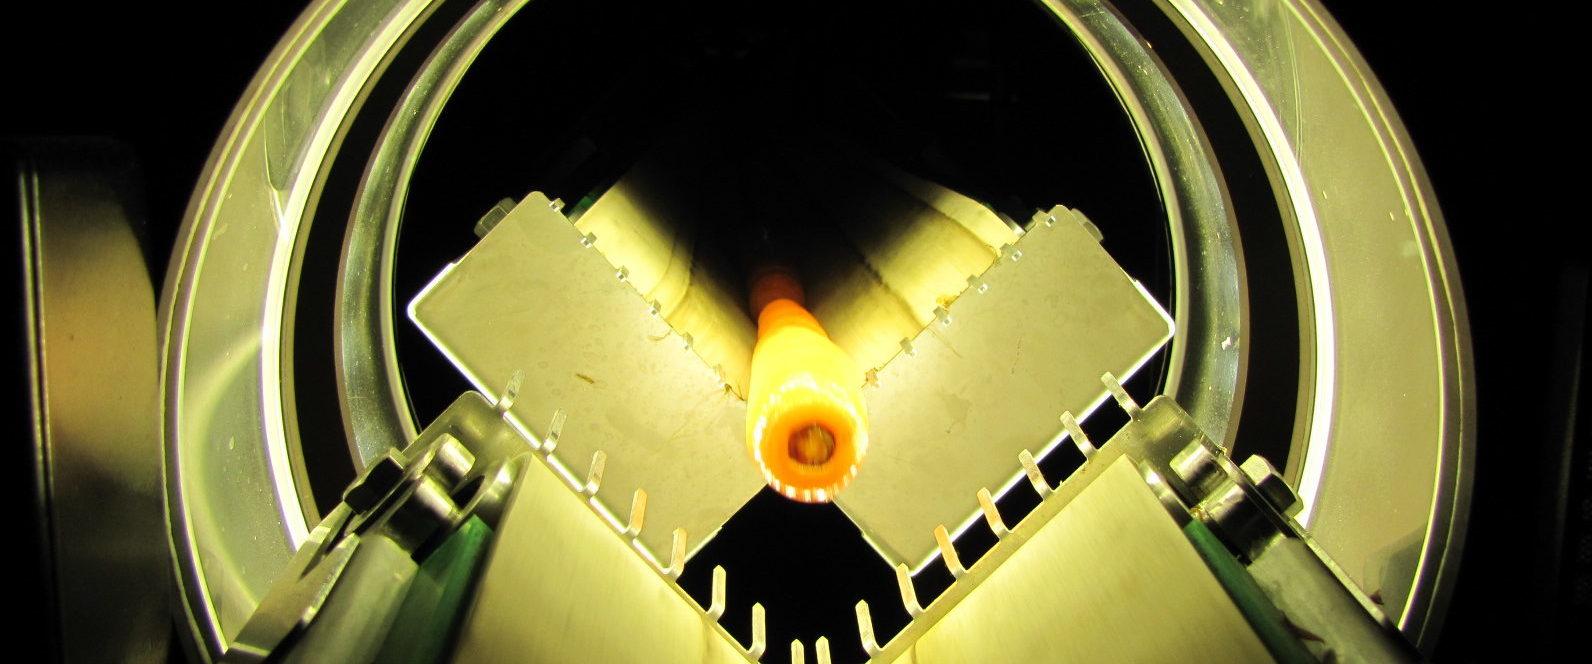 Tong Visar Optical Sorting Carrot Potato Sorter (15)